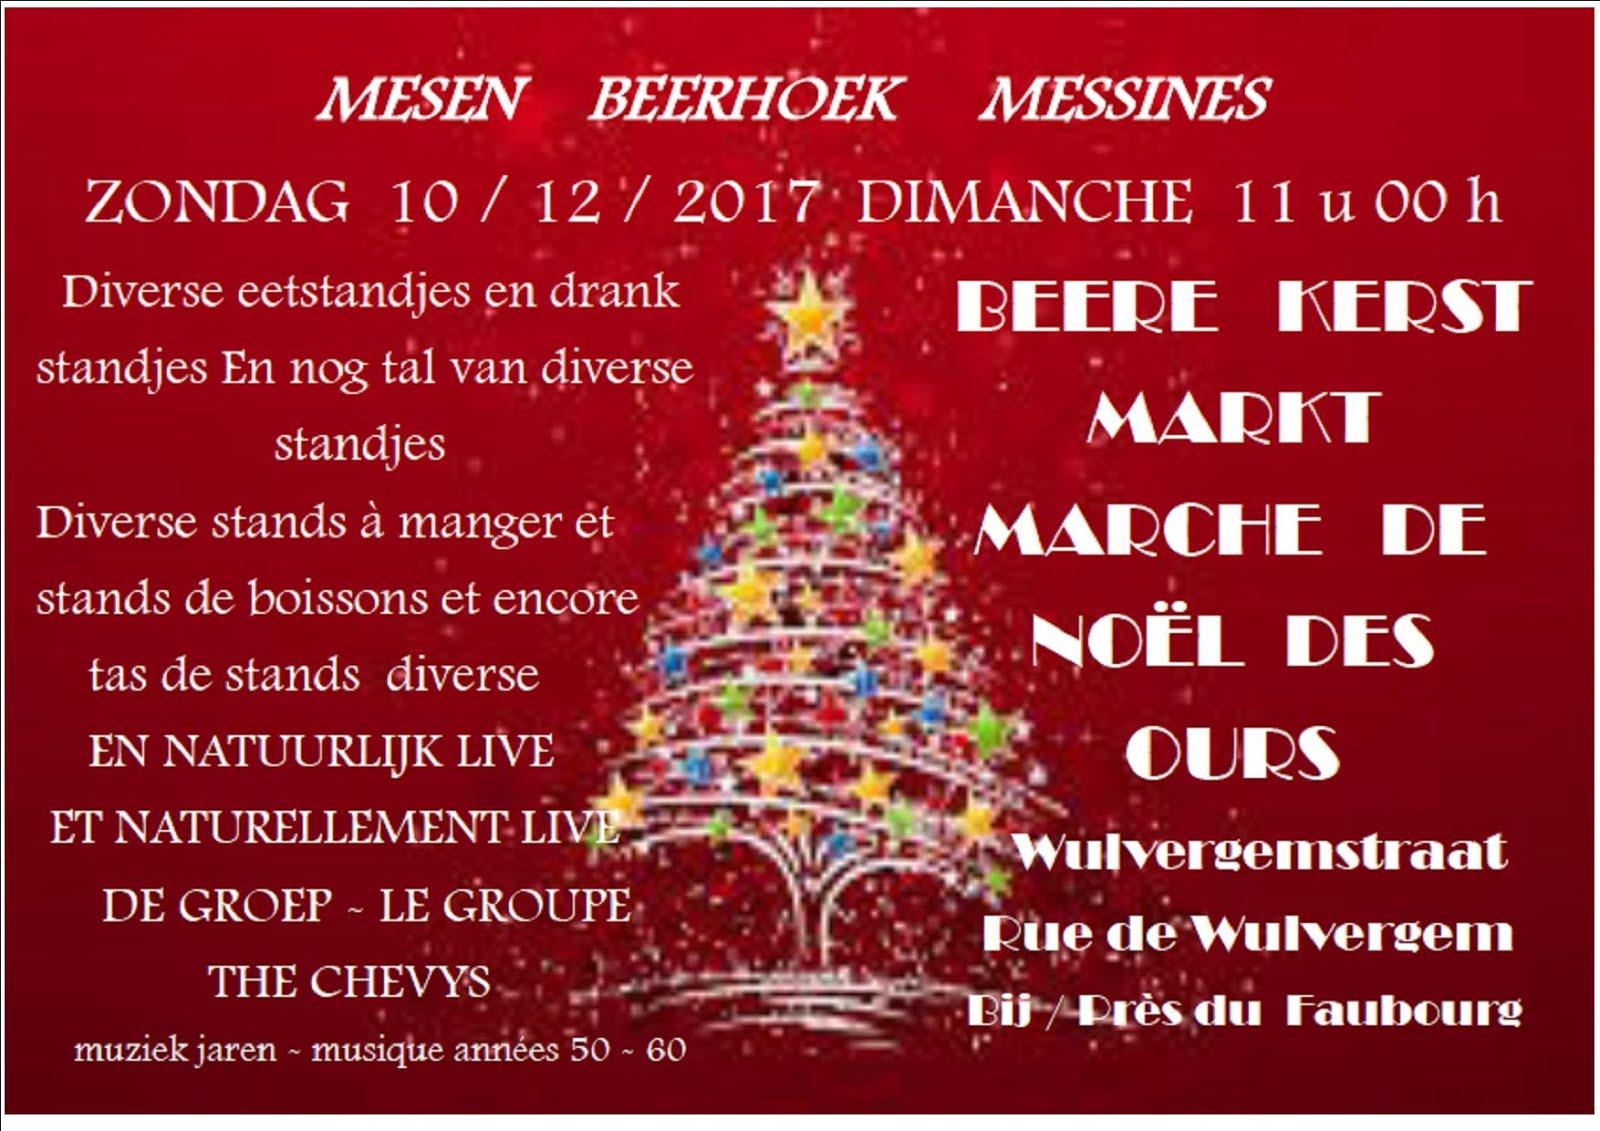 Messines 10 décembre marché de Noël